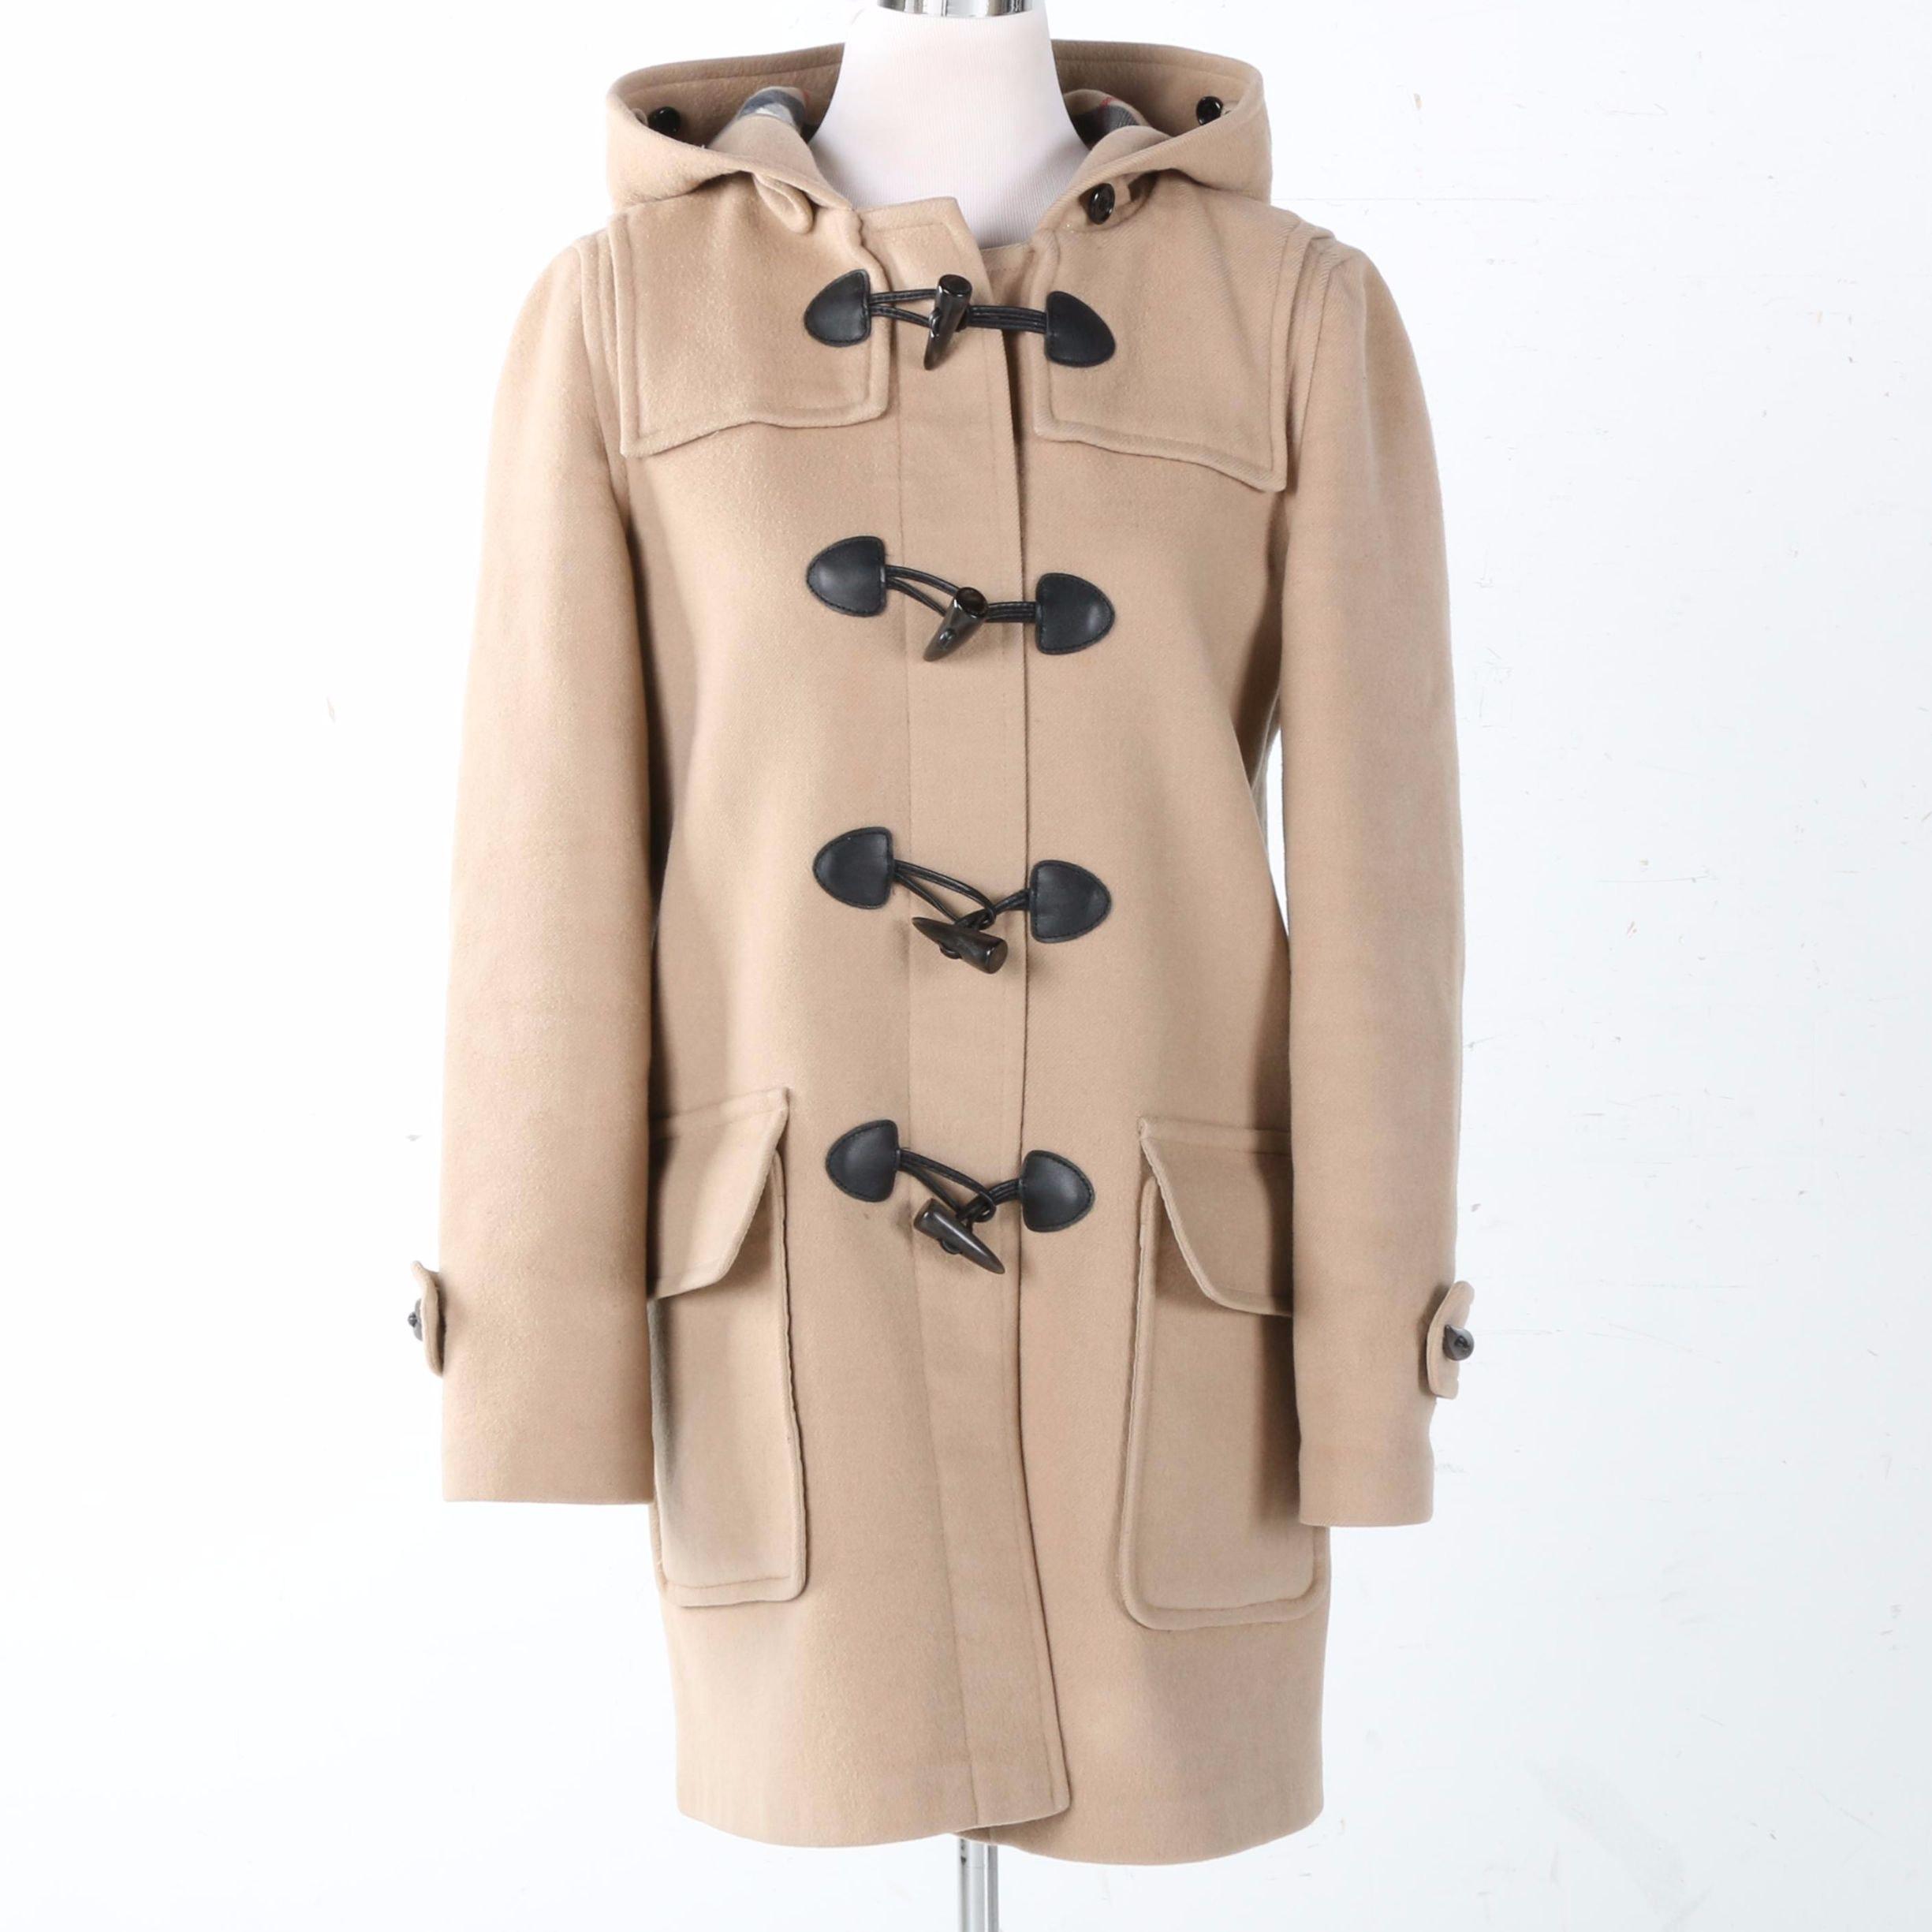 Burberry Brit Women's Wool Coat